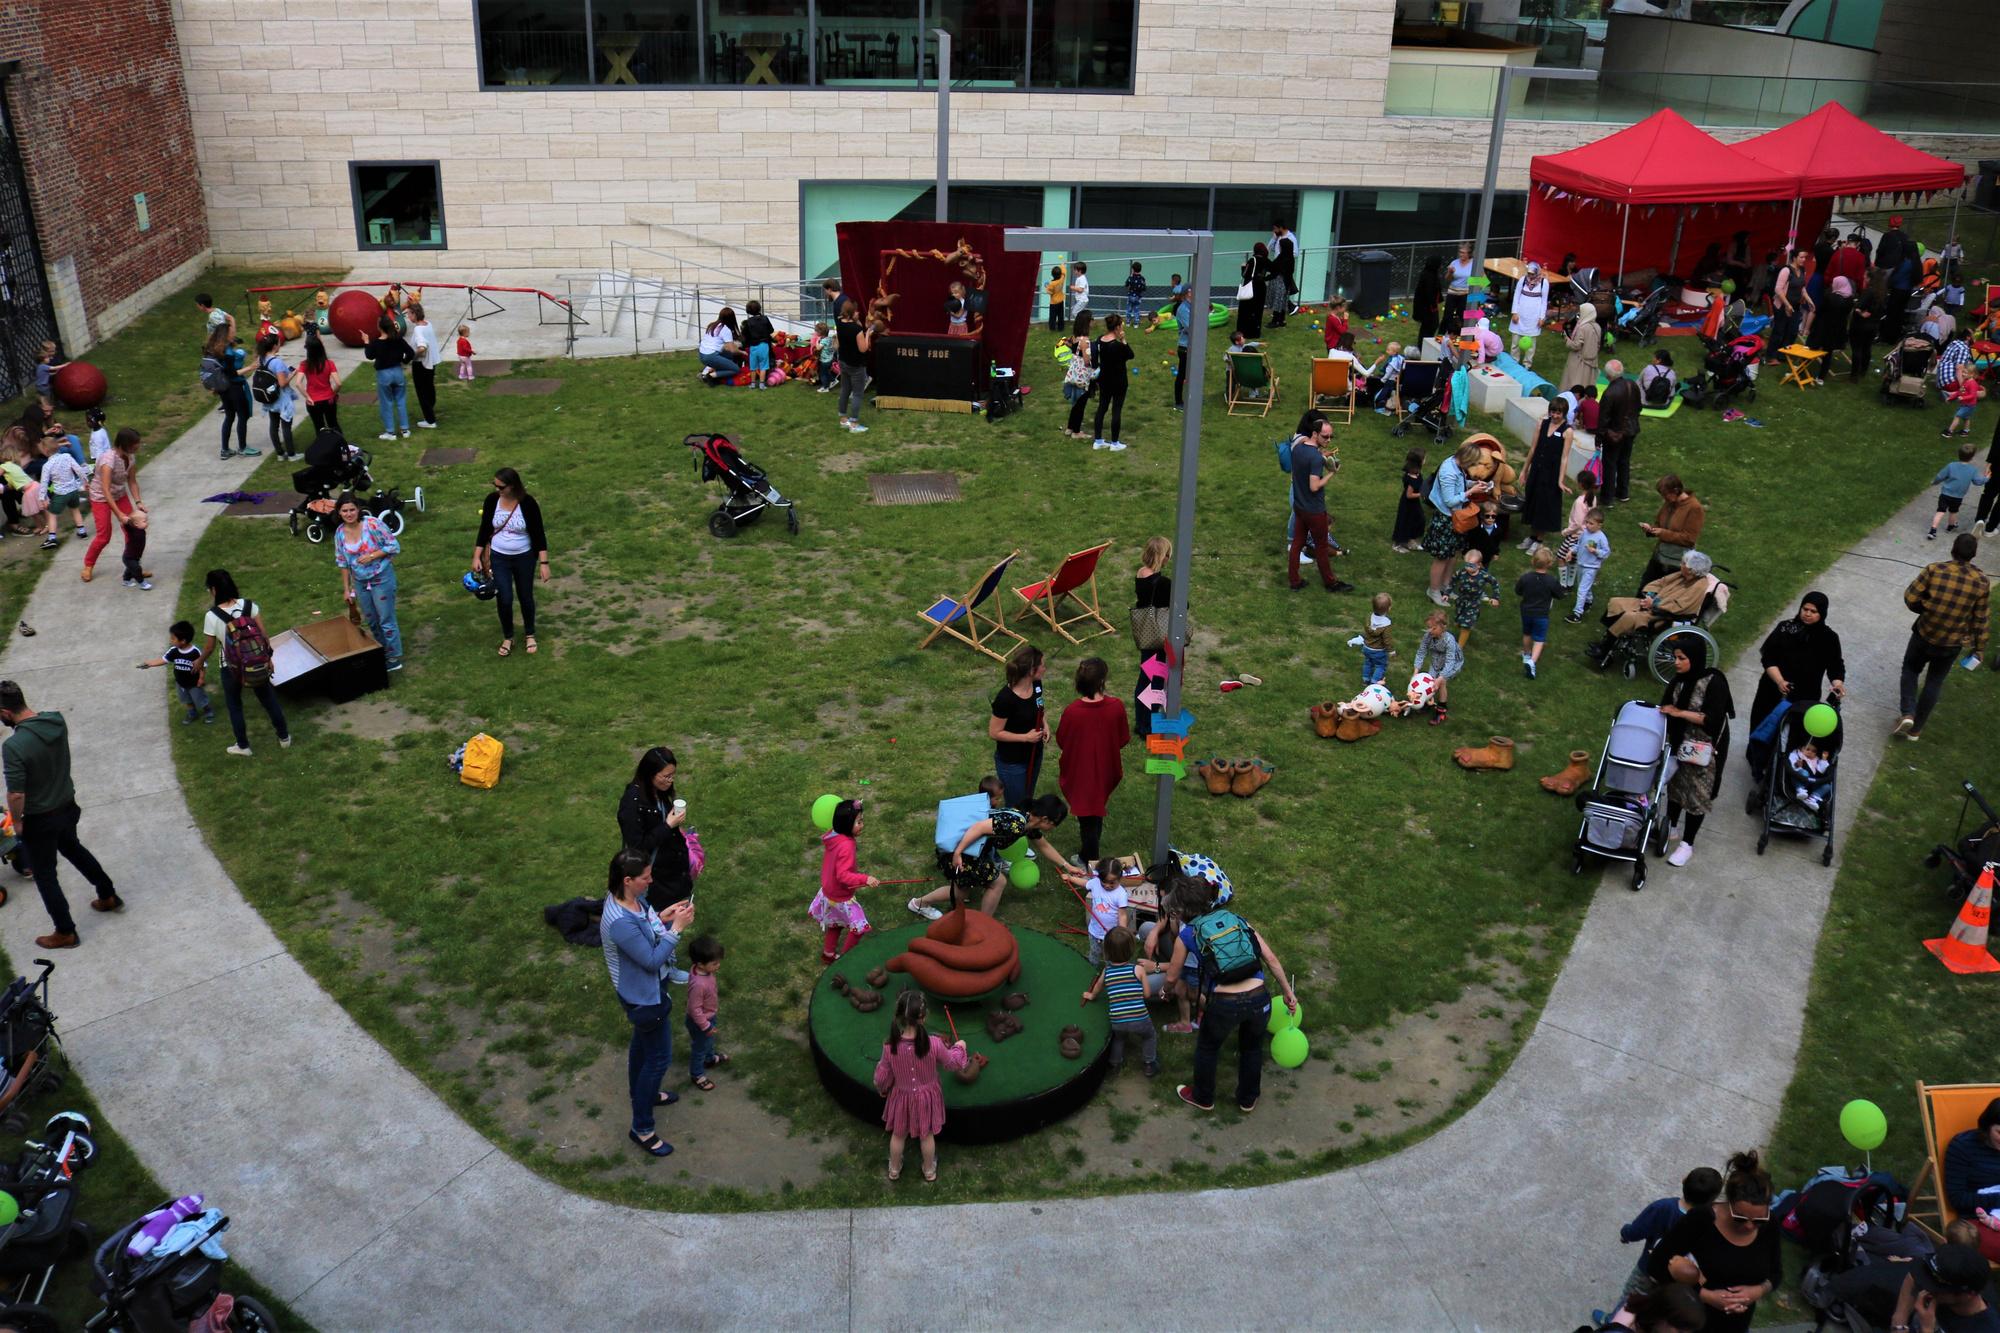 Gezinsfeest in Leuven., Huis van het Kind Leuven